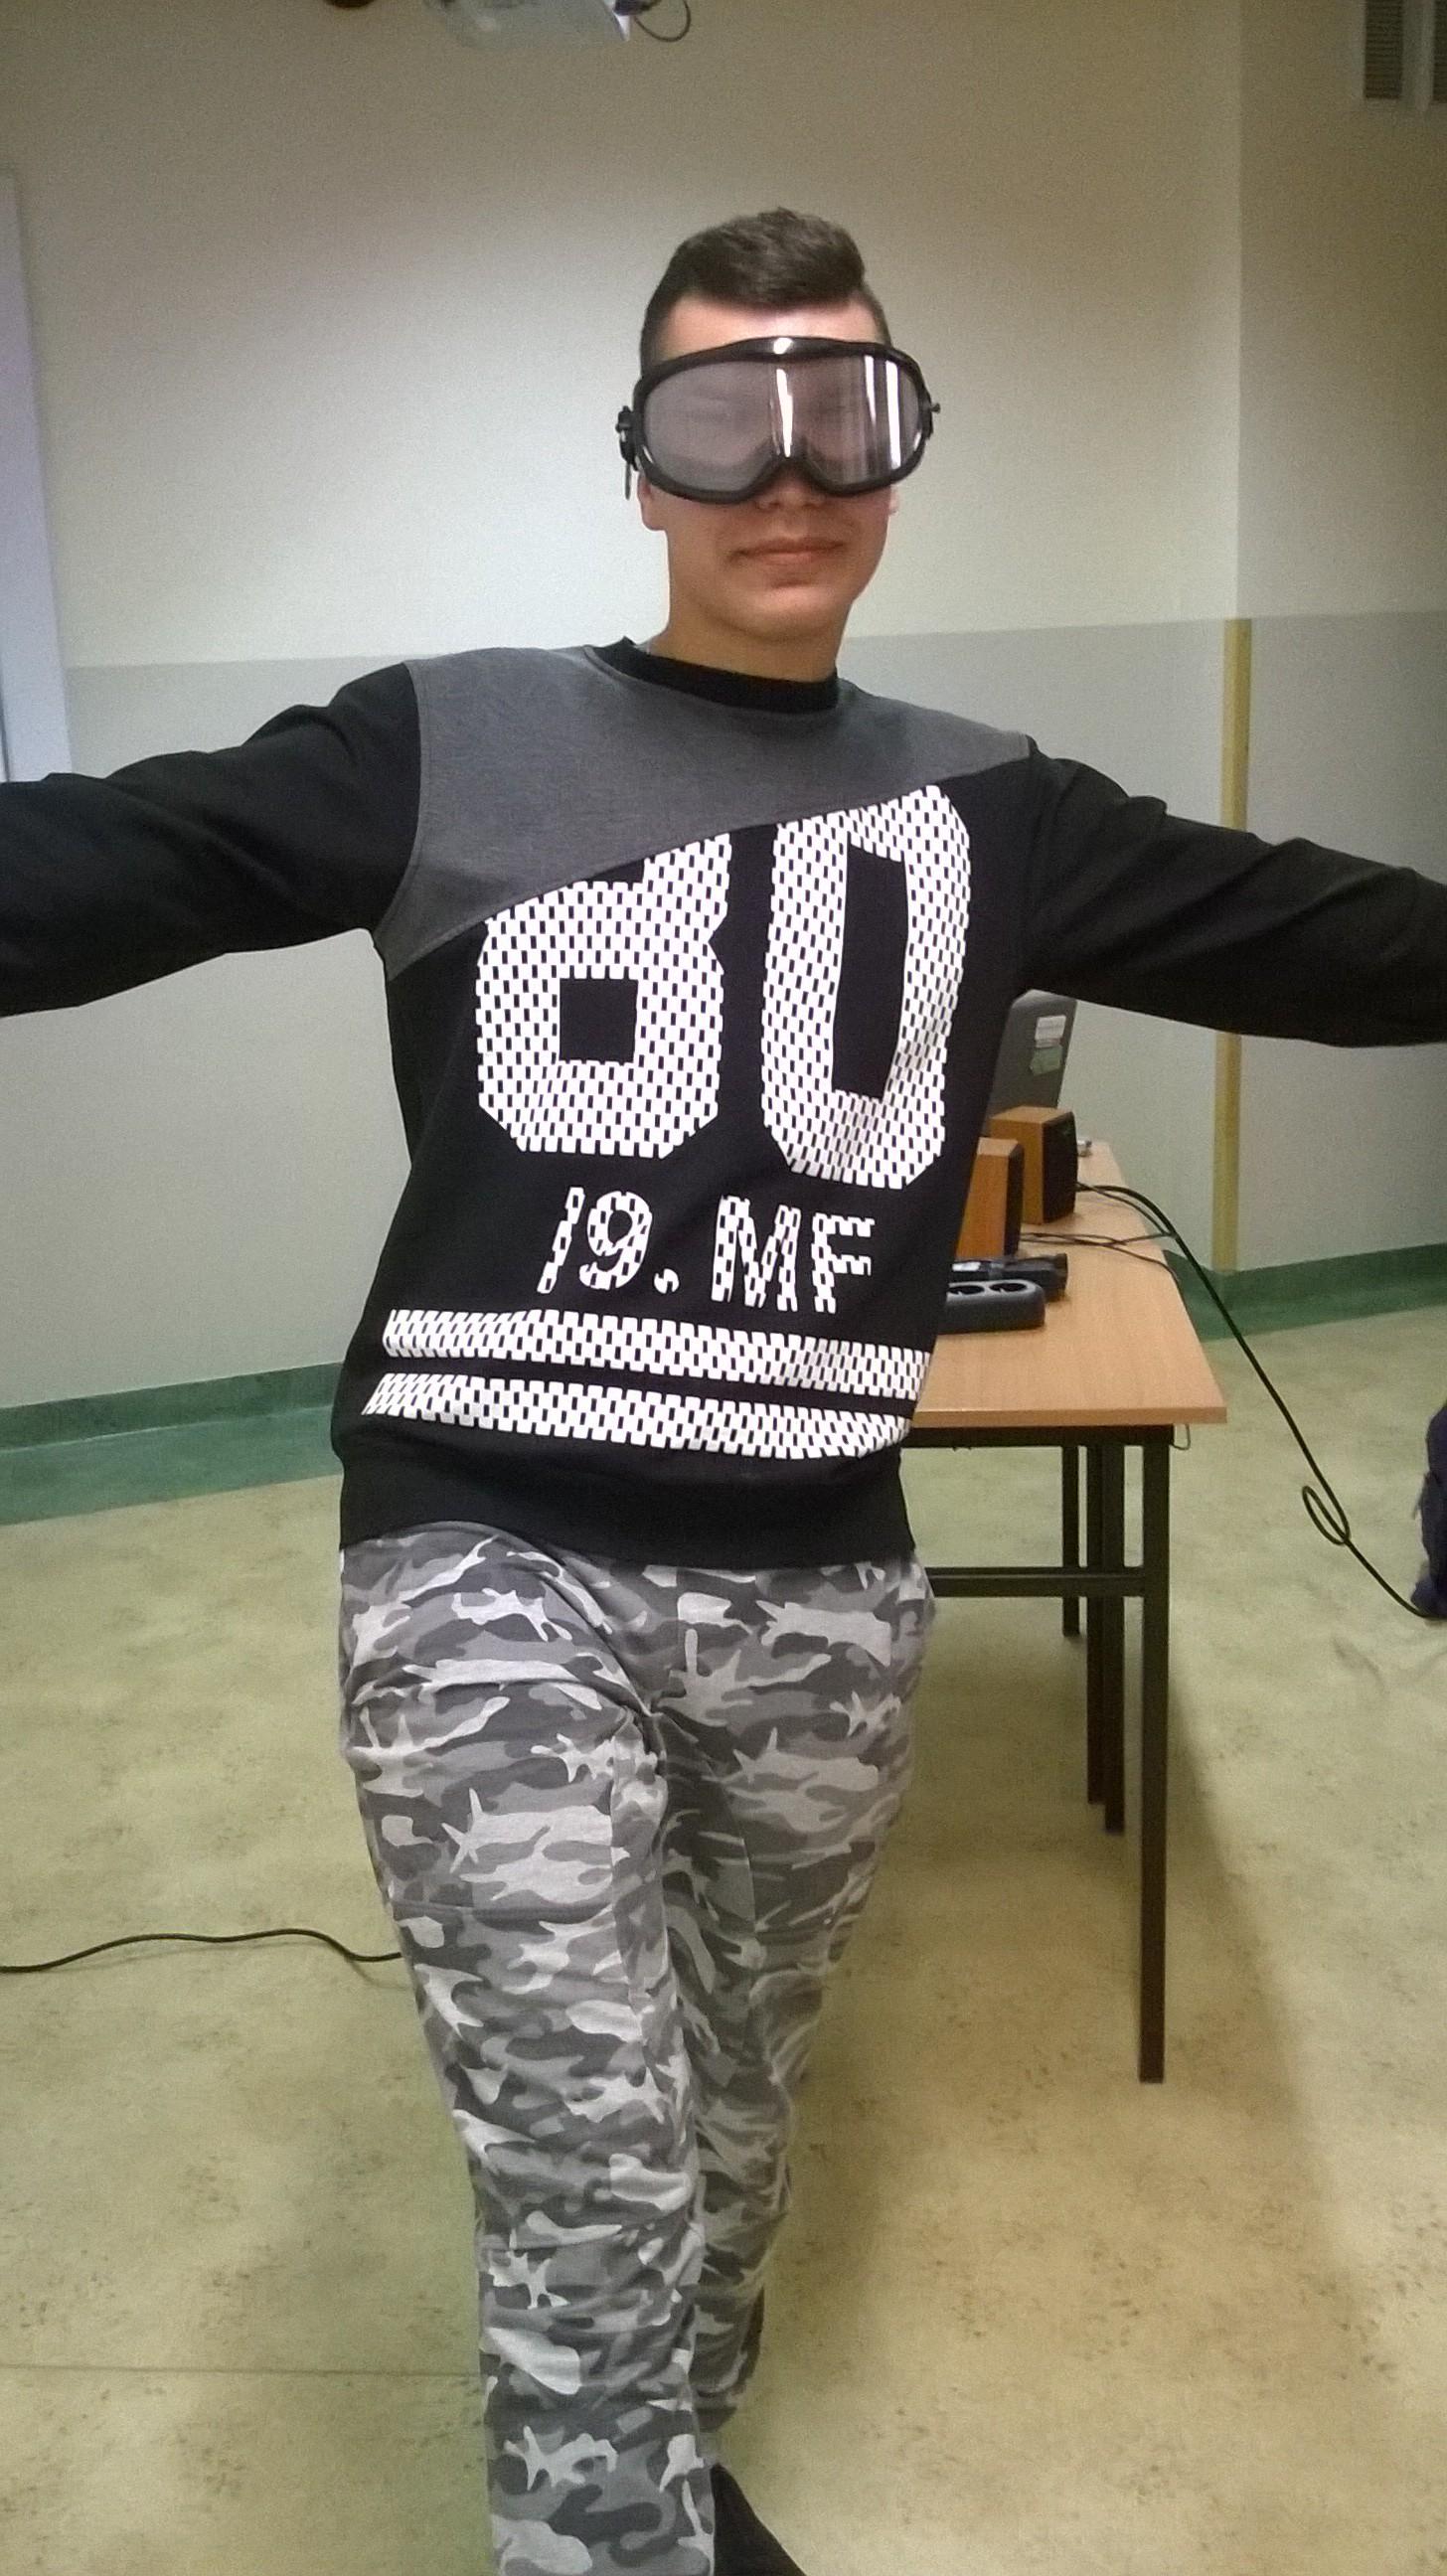 Zrobione przy użyciu Lumia Selfie